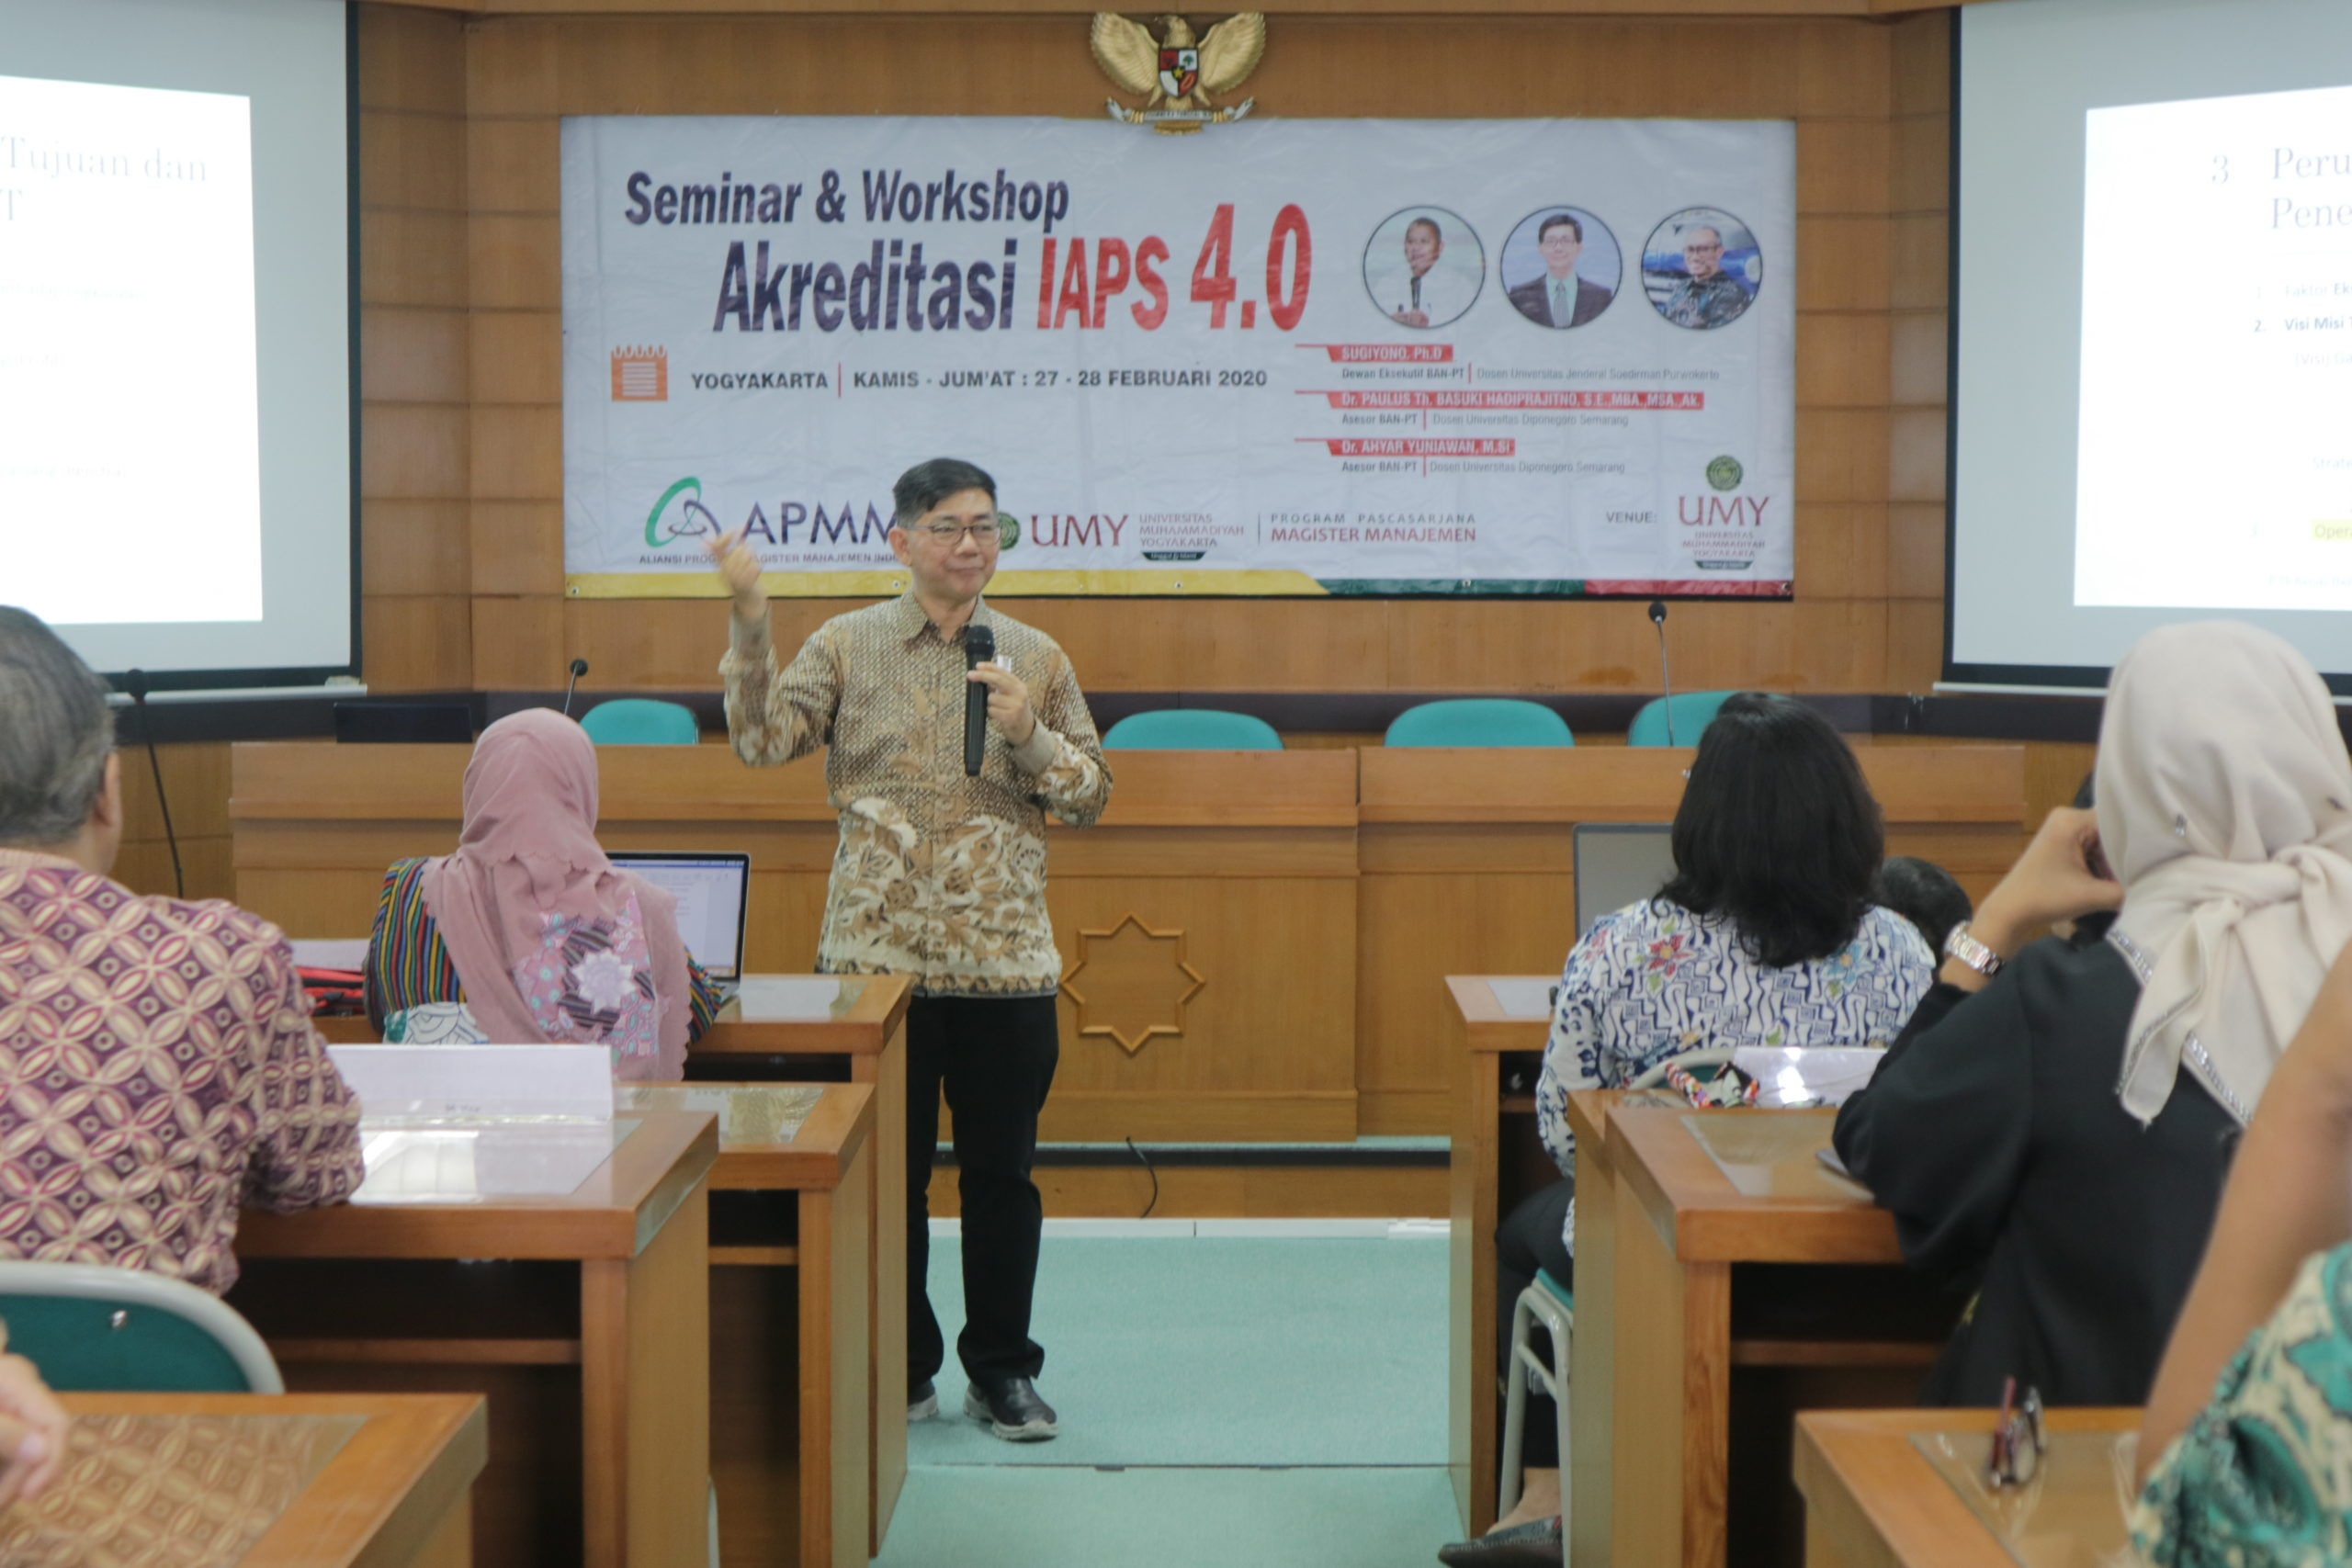 Seminar & Workshop Akreditasi IAPS 4.0